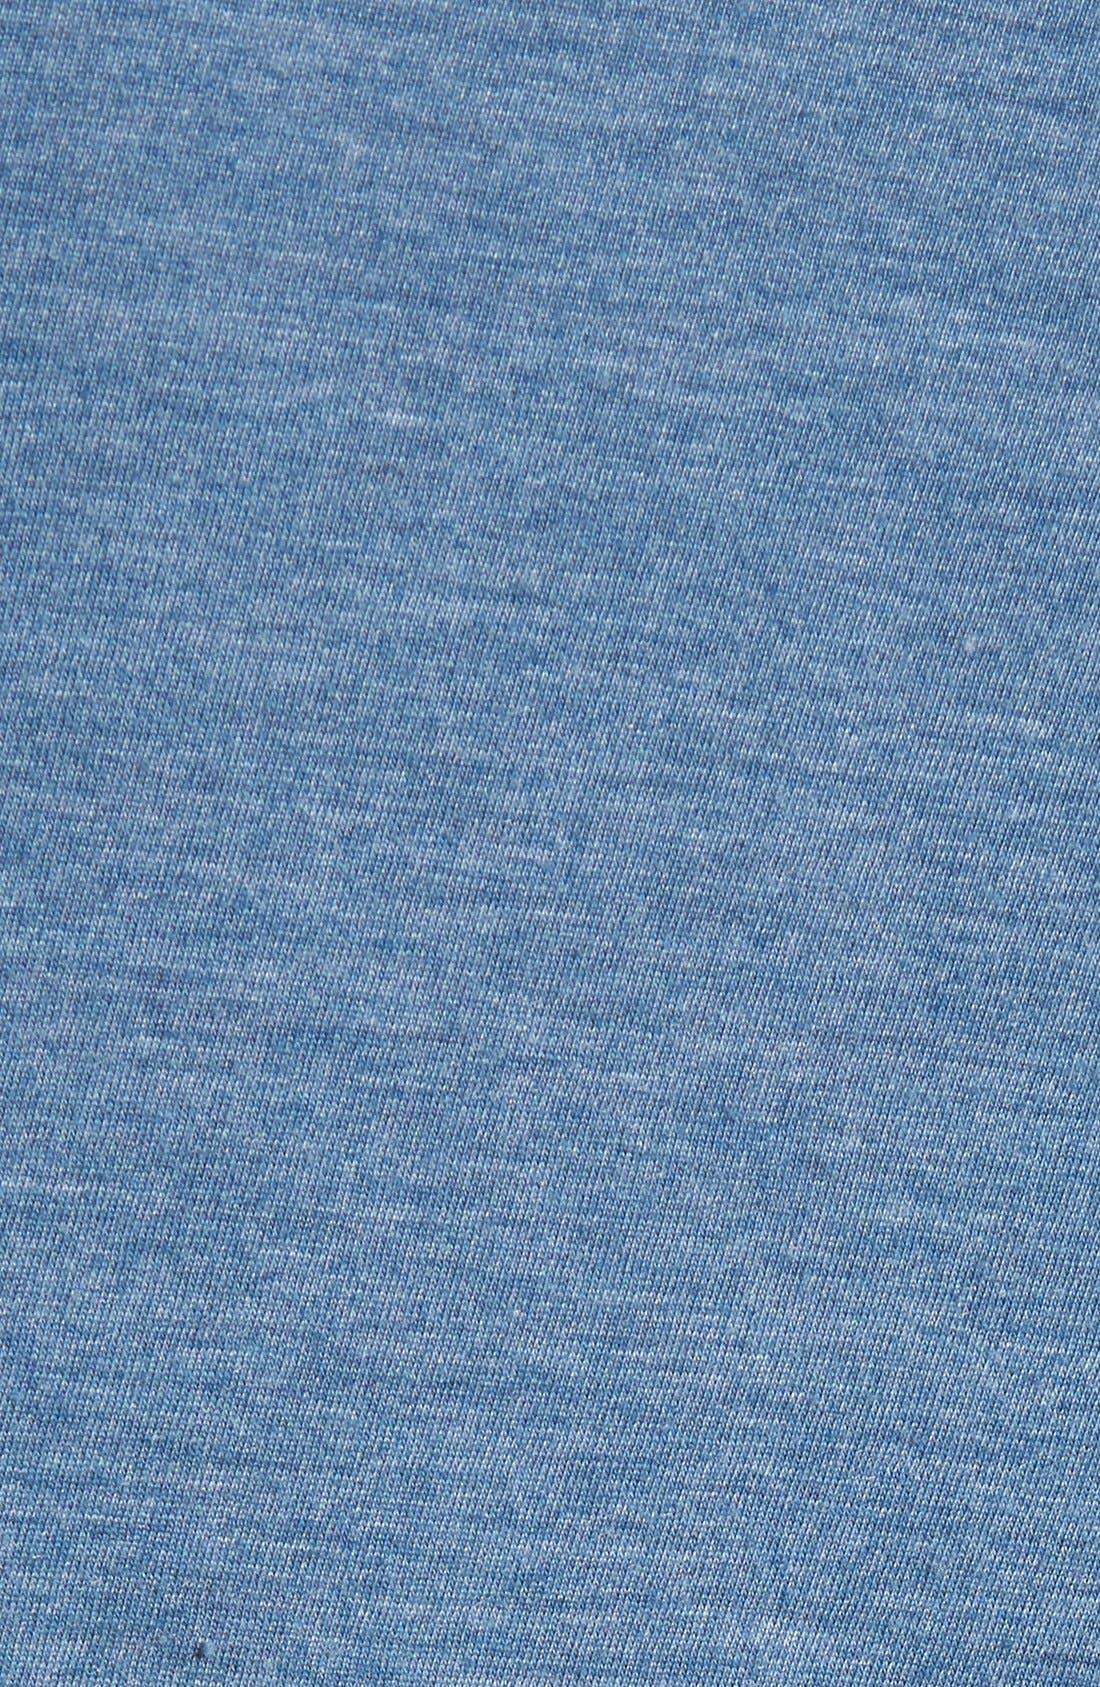 Alternate Image 5  - Patagonia 'Daily Triblend' Pocket T-Shirt